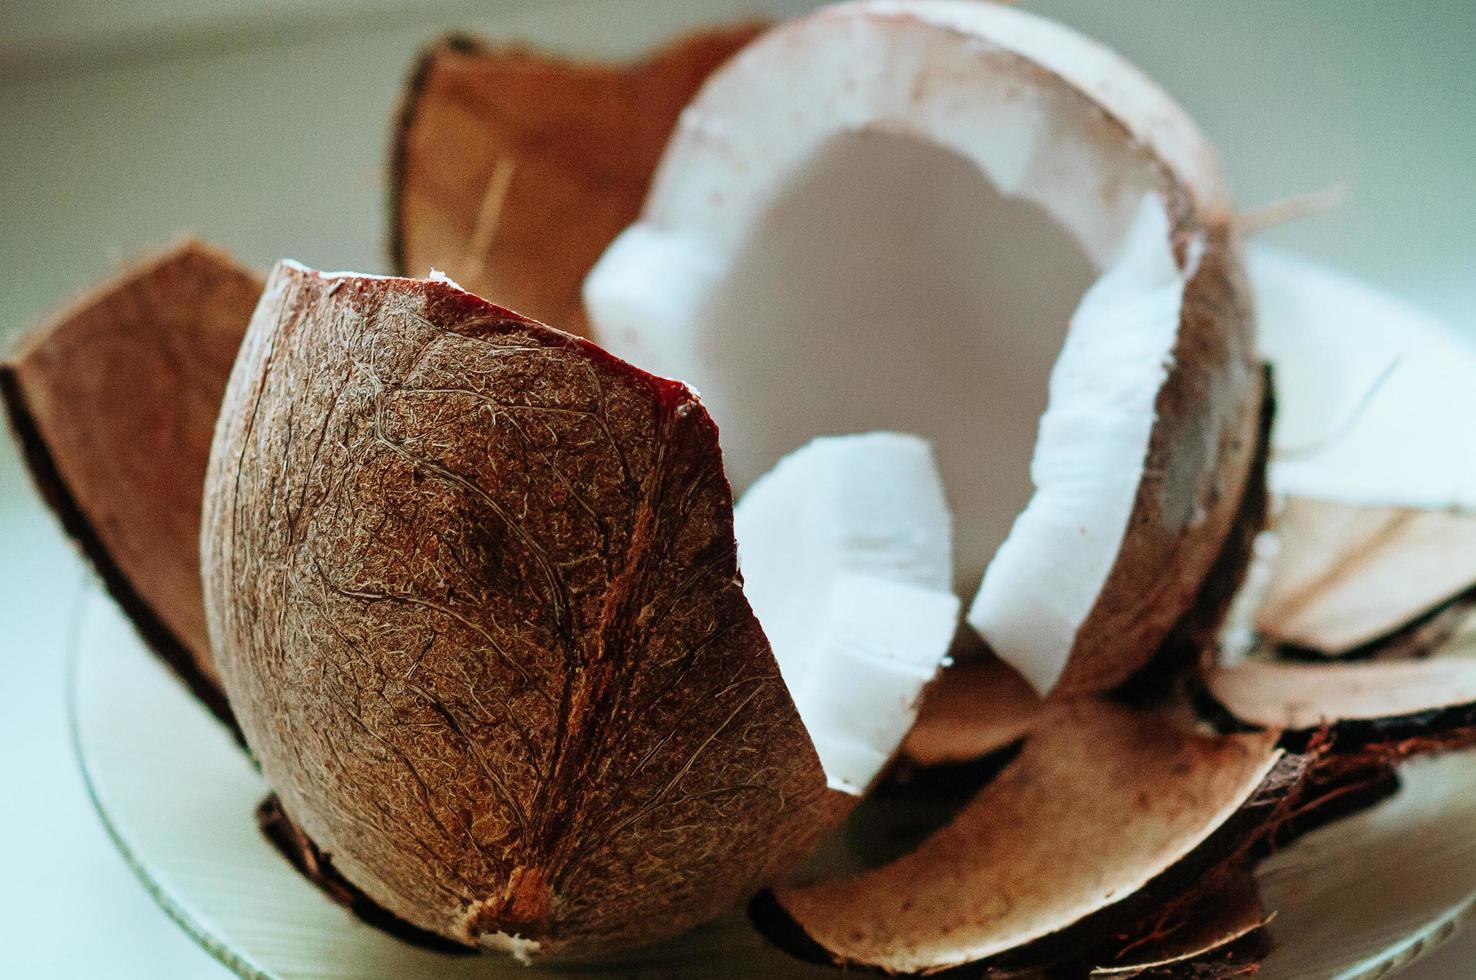 färskskuret kokosnöt på nära håll foto